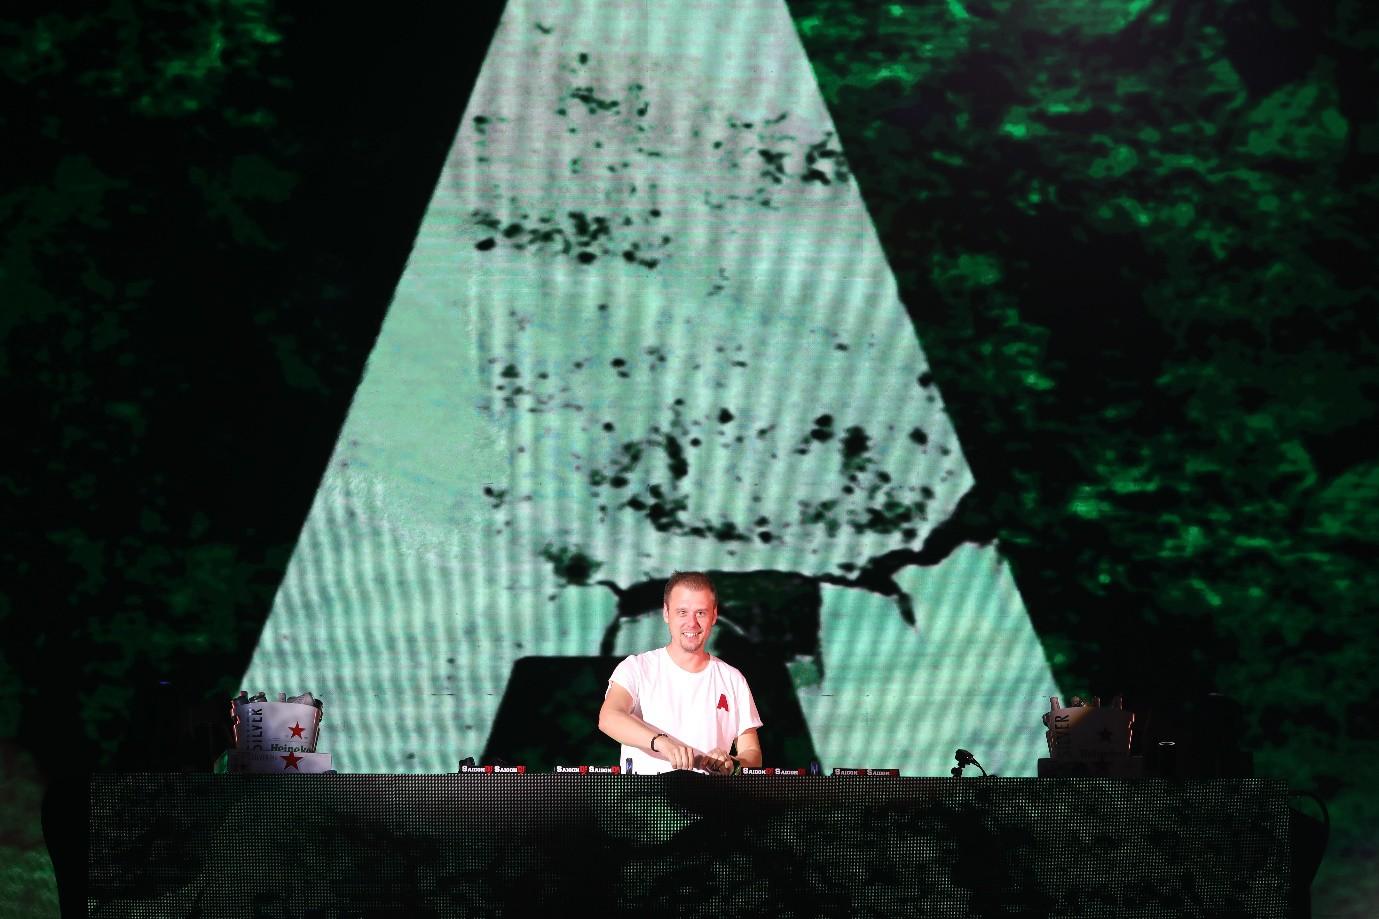 Fan Việt dậy sóng với trải nghiệm giải đua F1 cùng DJ quốc tế Armin Van Buuren - Ảnh 5.